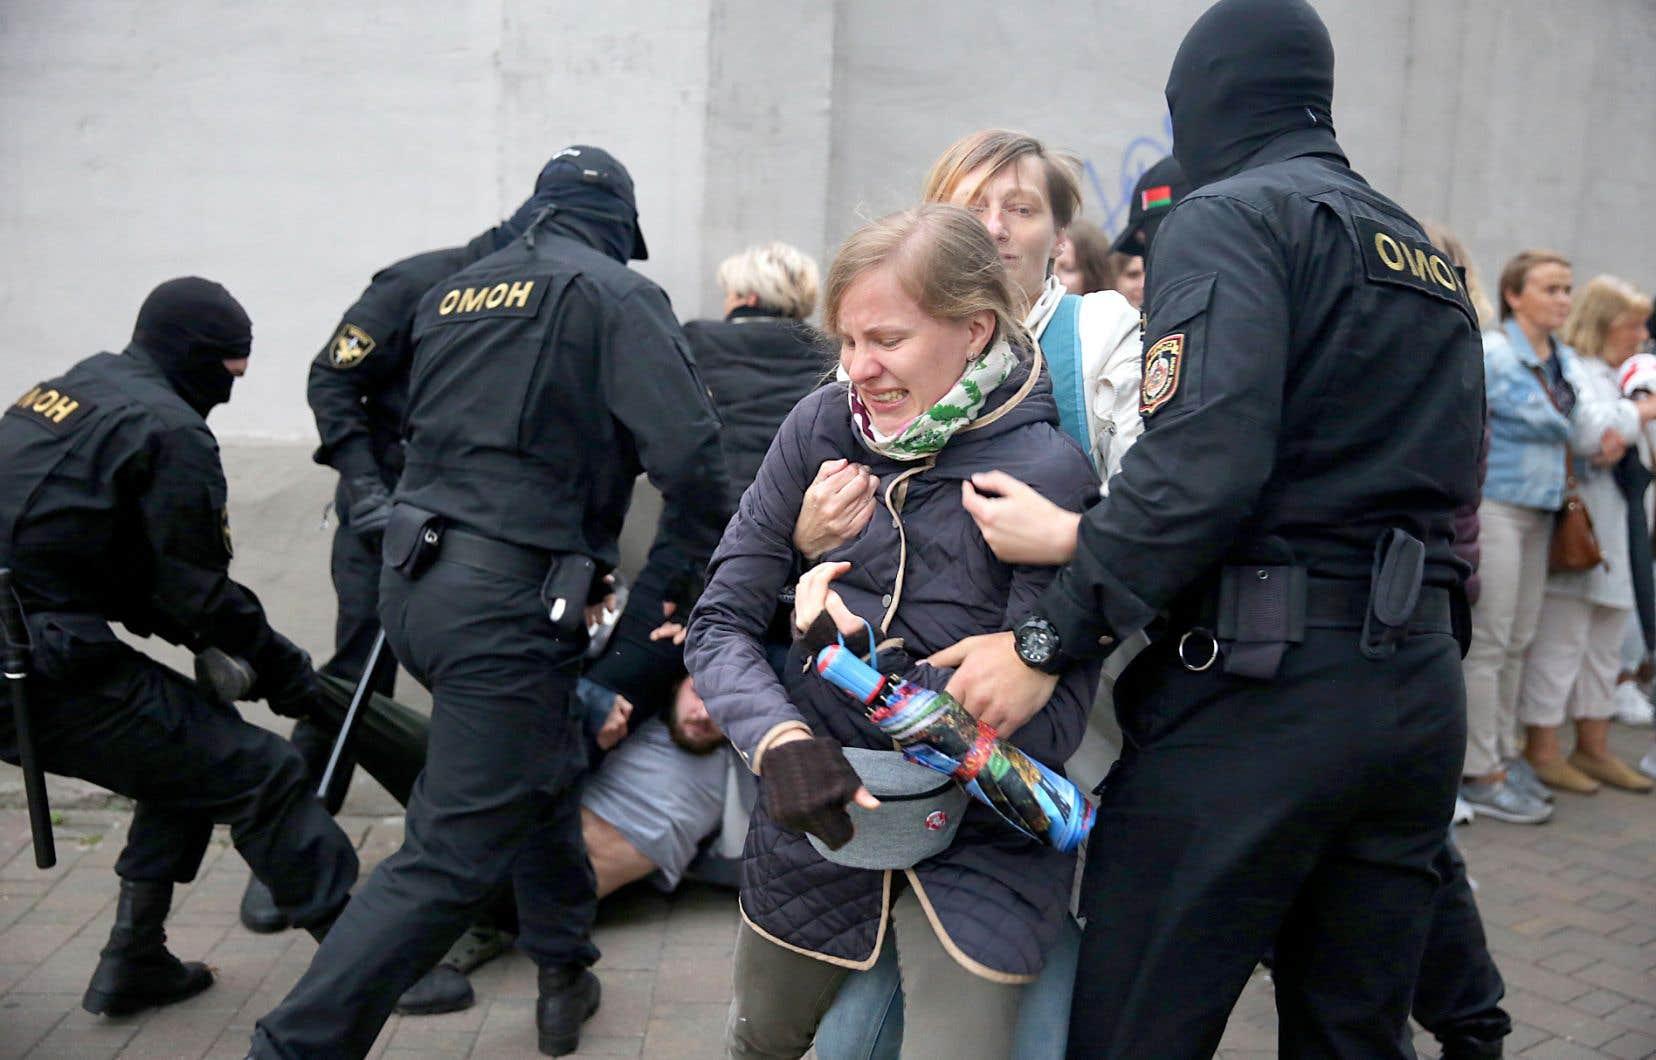 Les autorités ont procédé à des arrestations musclées mardi à Minsk, lors d'un rassemblement en soutien à l'opposante Maria Konesnikova, toujours détenue.